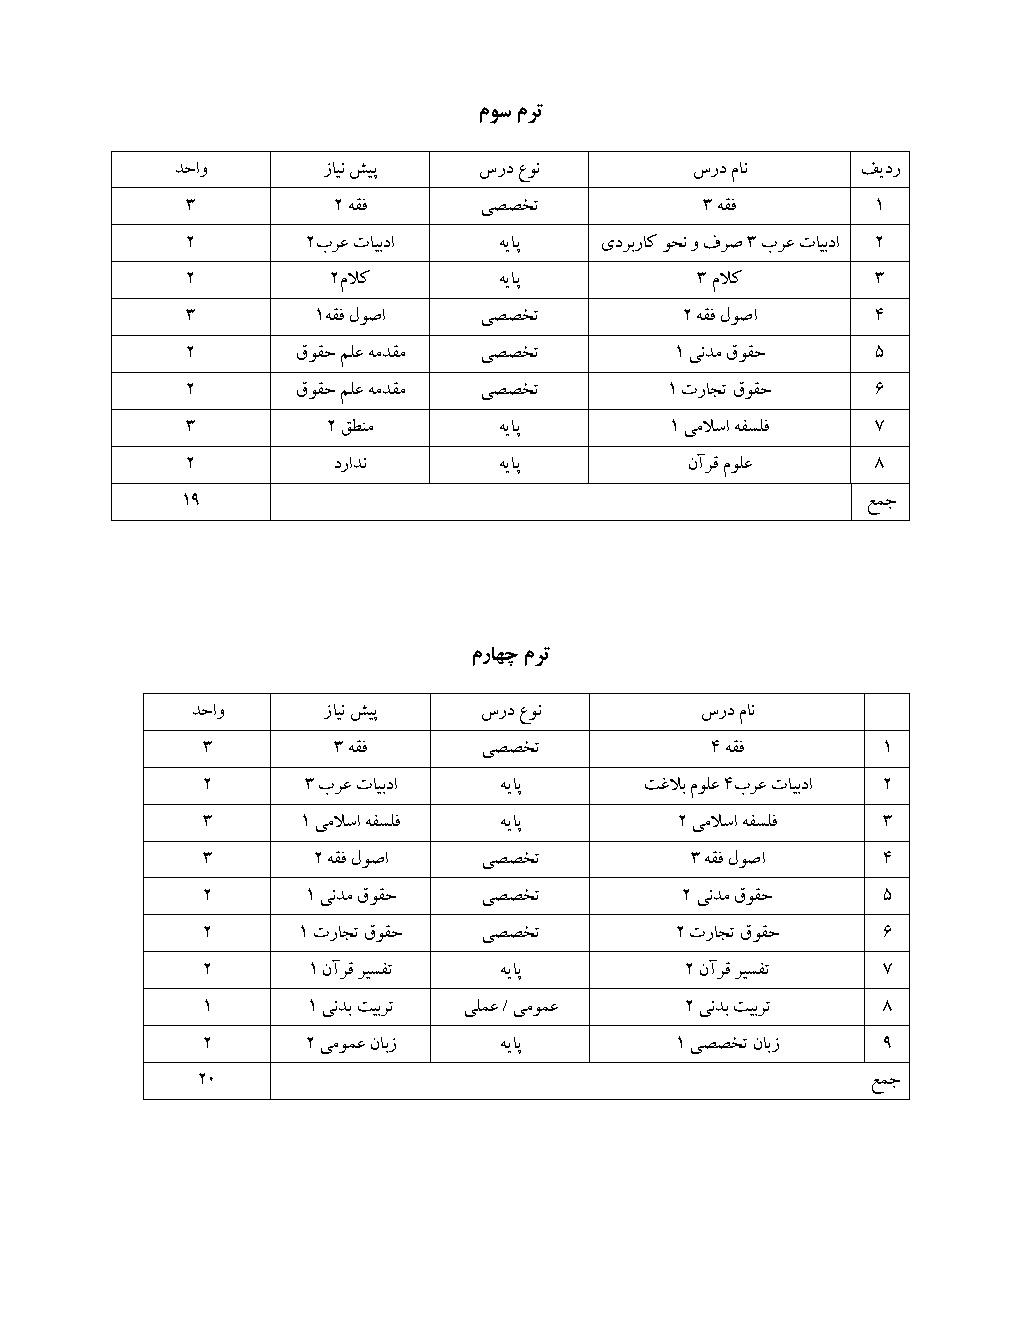 کارشناسی فقه و حقوق اسلامی، ۹۵ به قبل_Page2